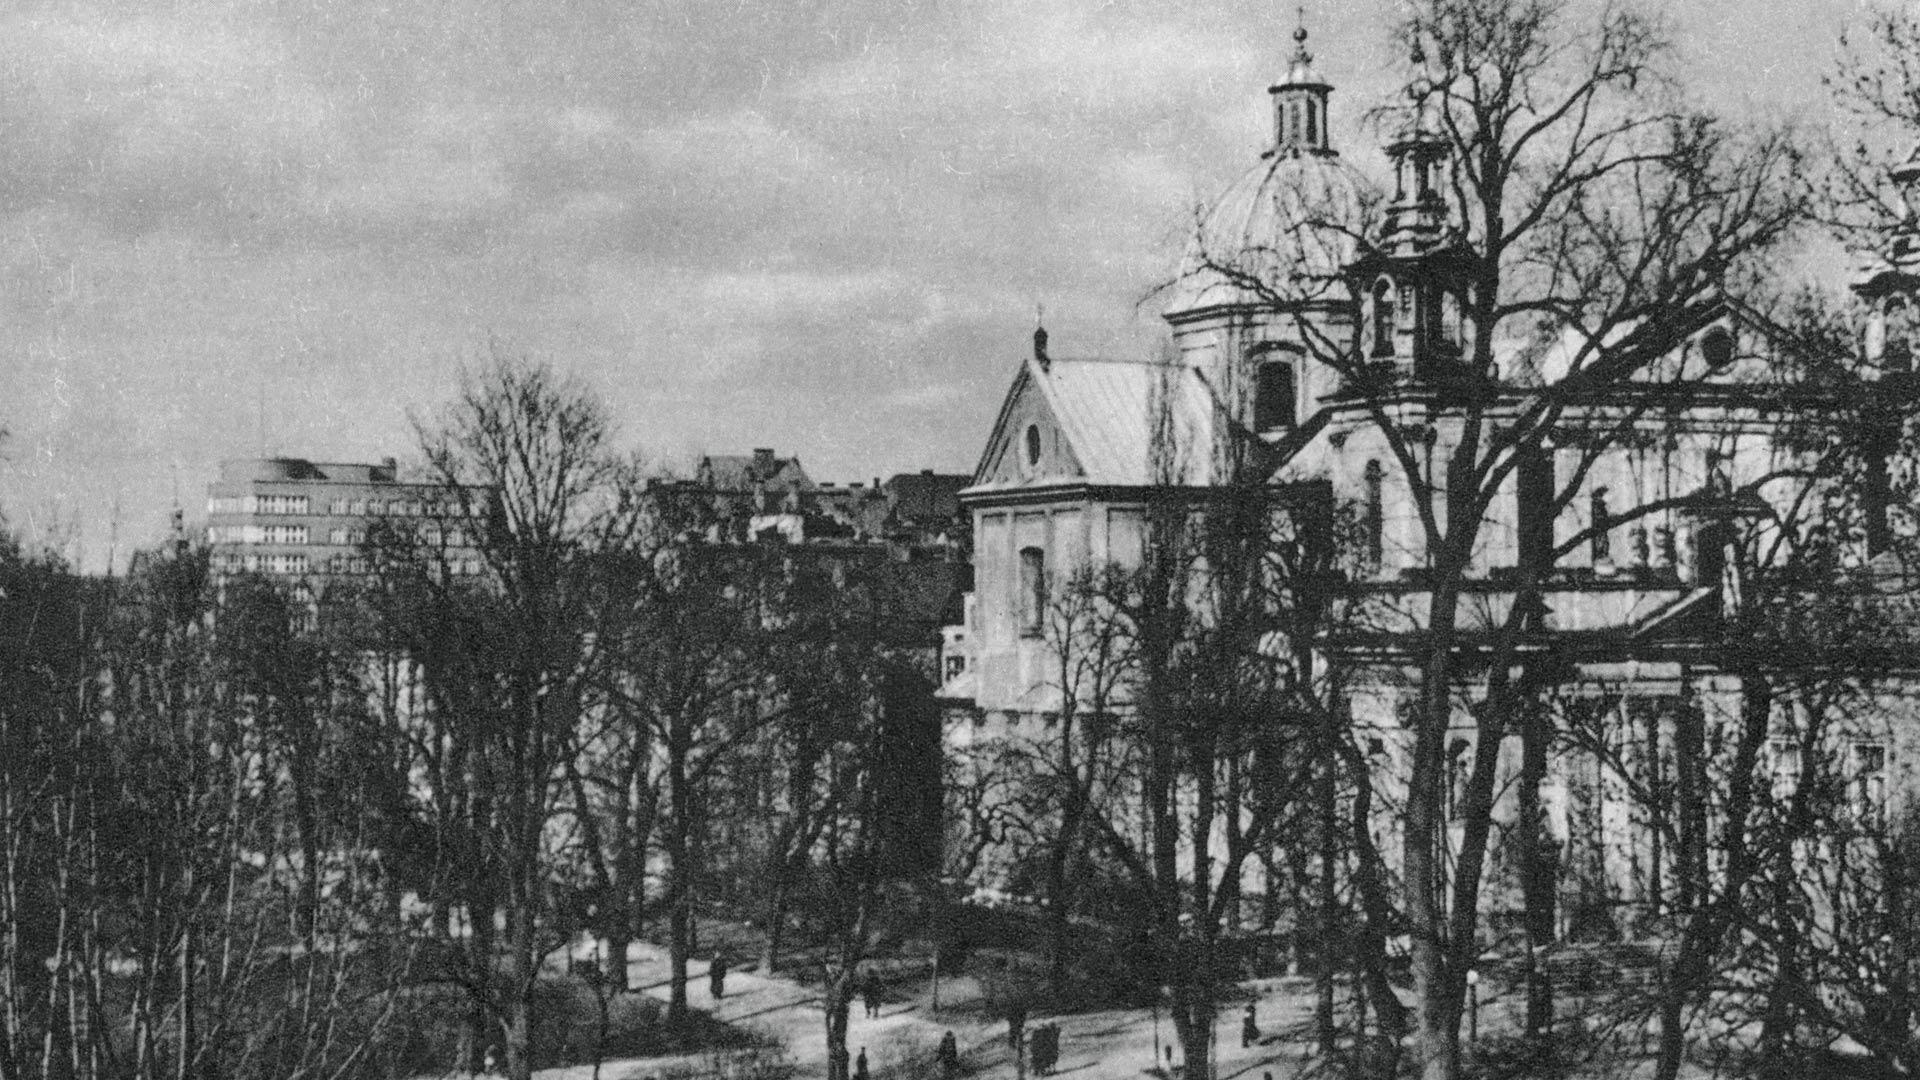 Kościół św. Anny przed wojną. Po lewej stronie widać ukończony w 1935 roku budynek Komunalnej Kasy Oszczędnościowej. Fot. Domena Publiczna